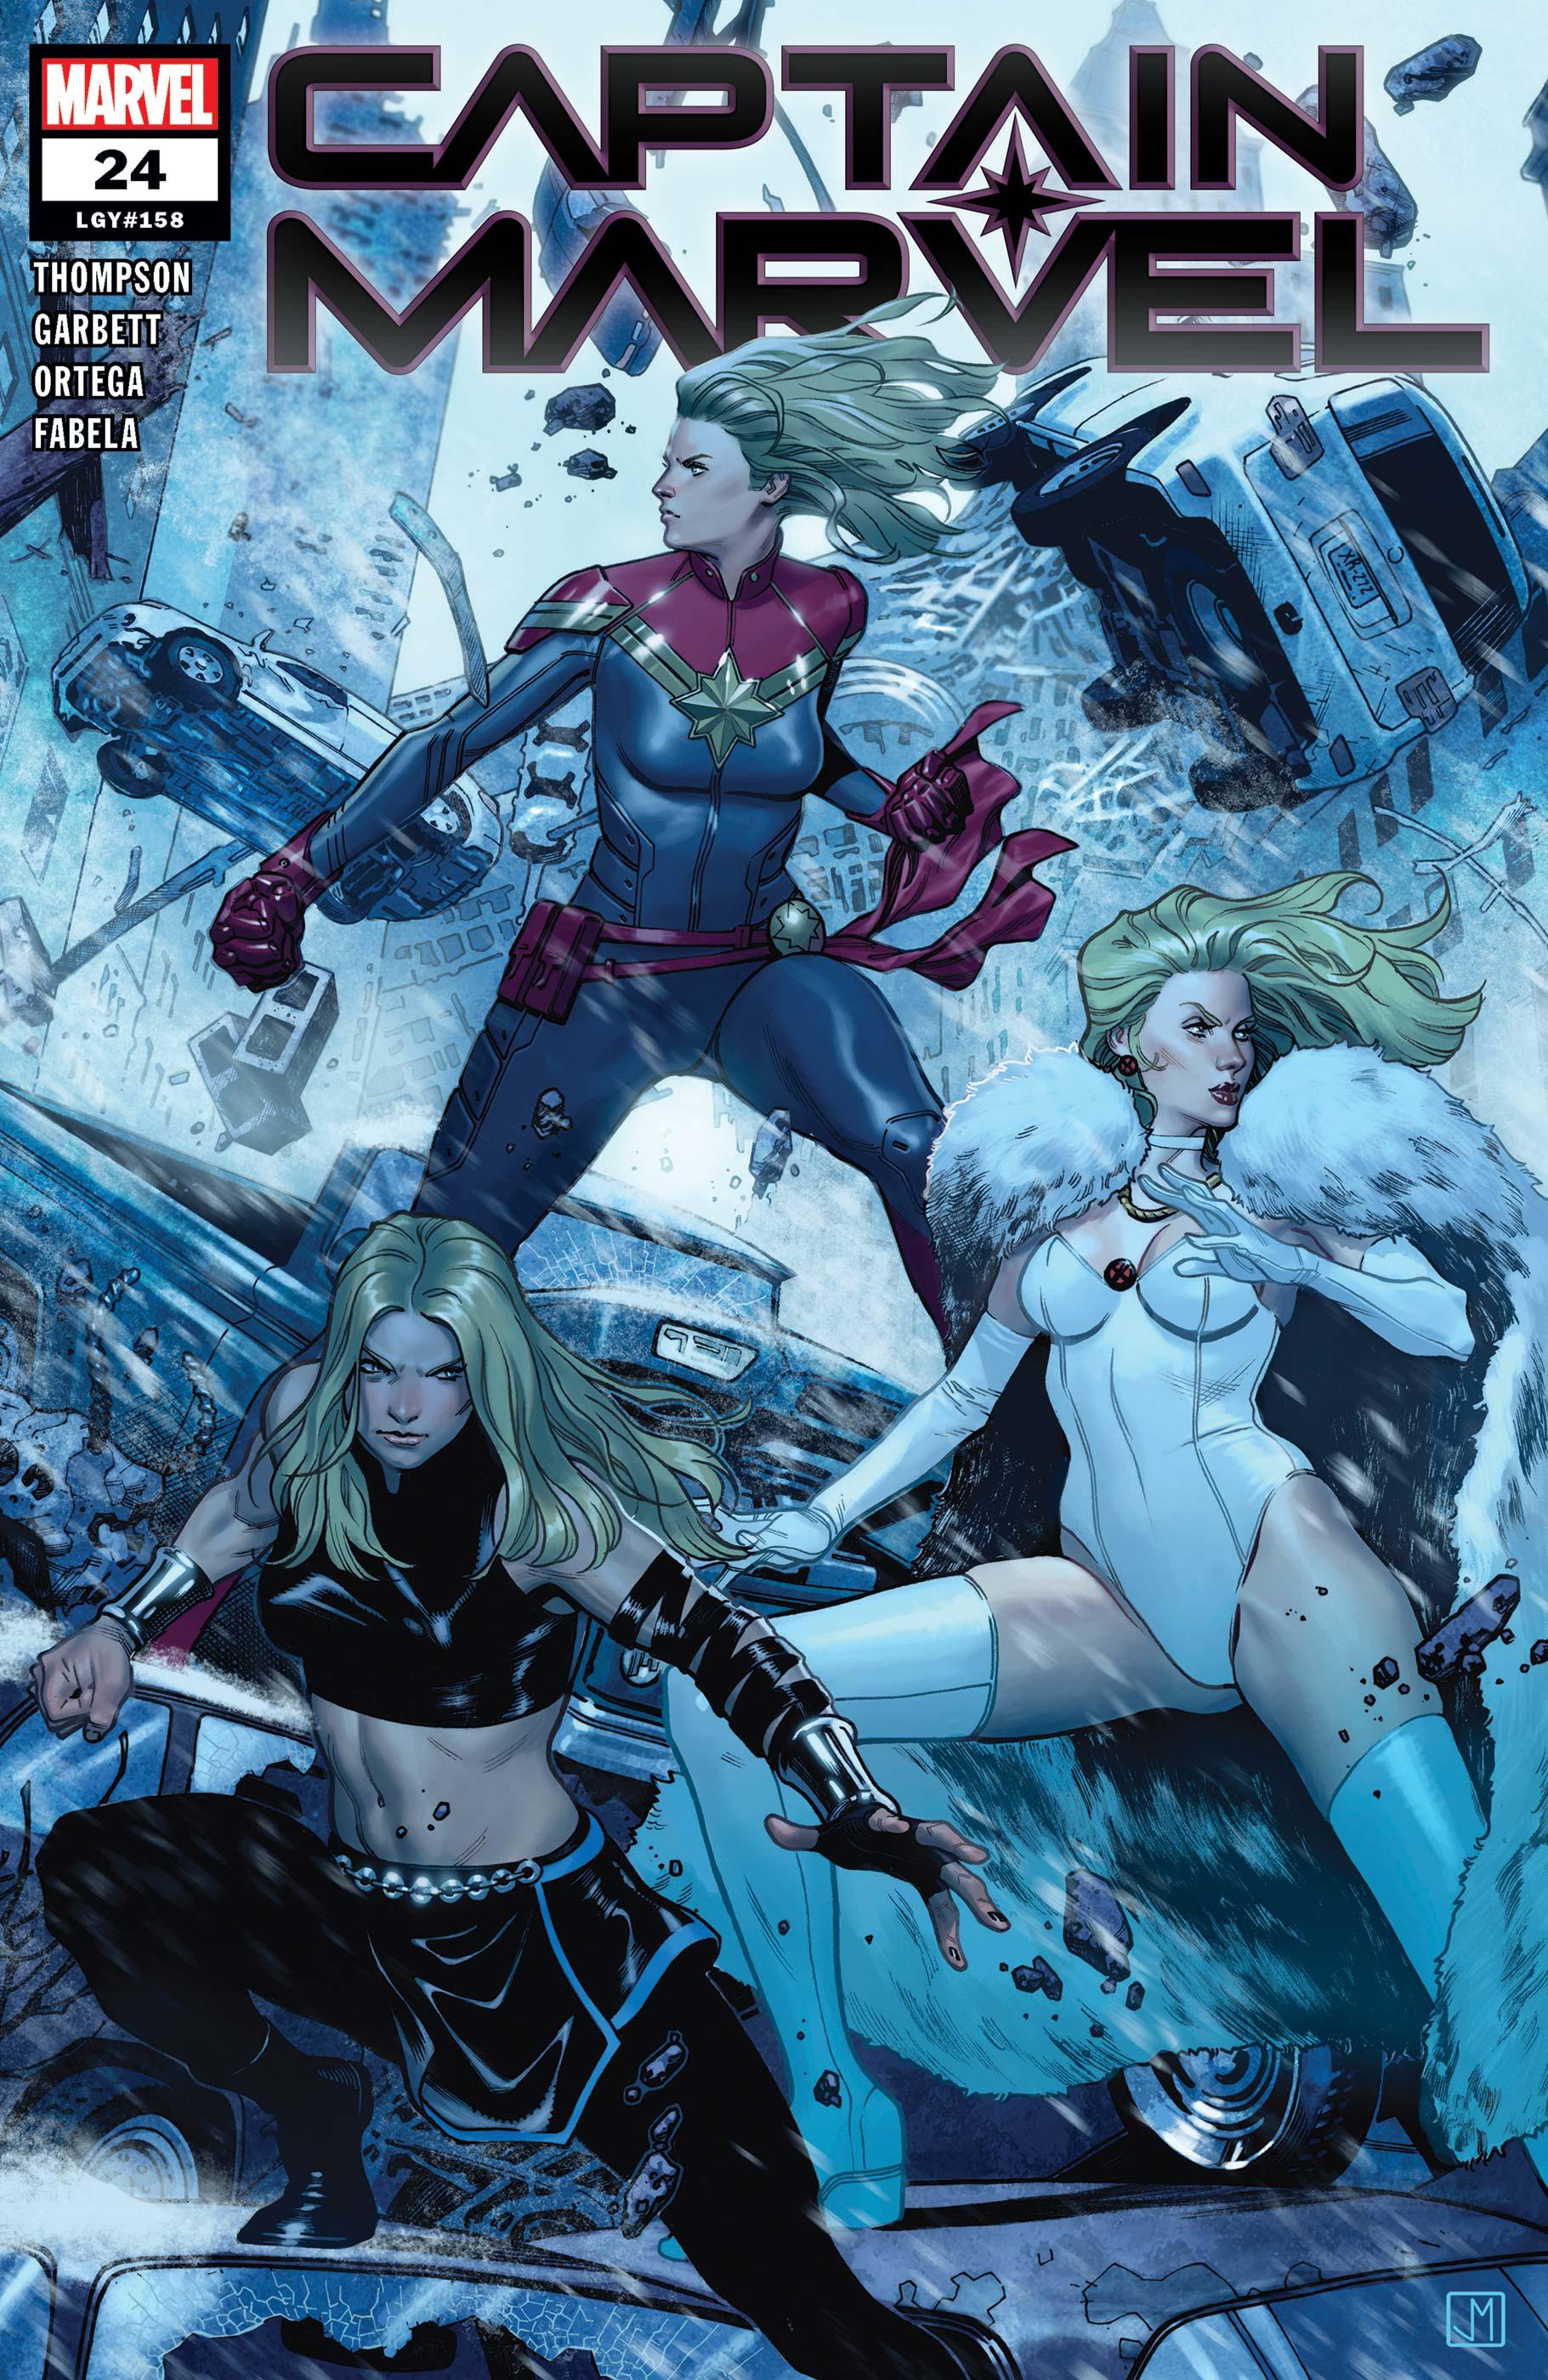 Captain Marvel (2019) #24